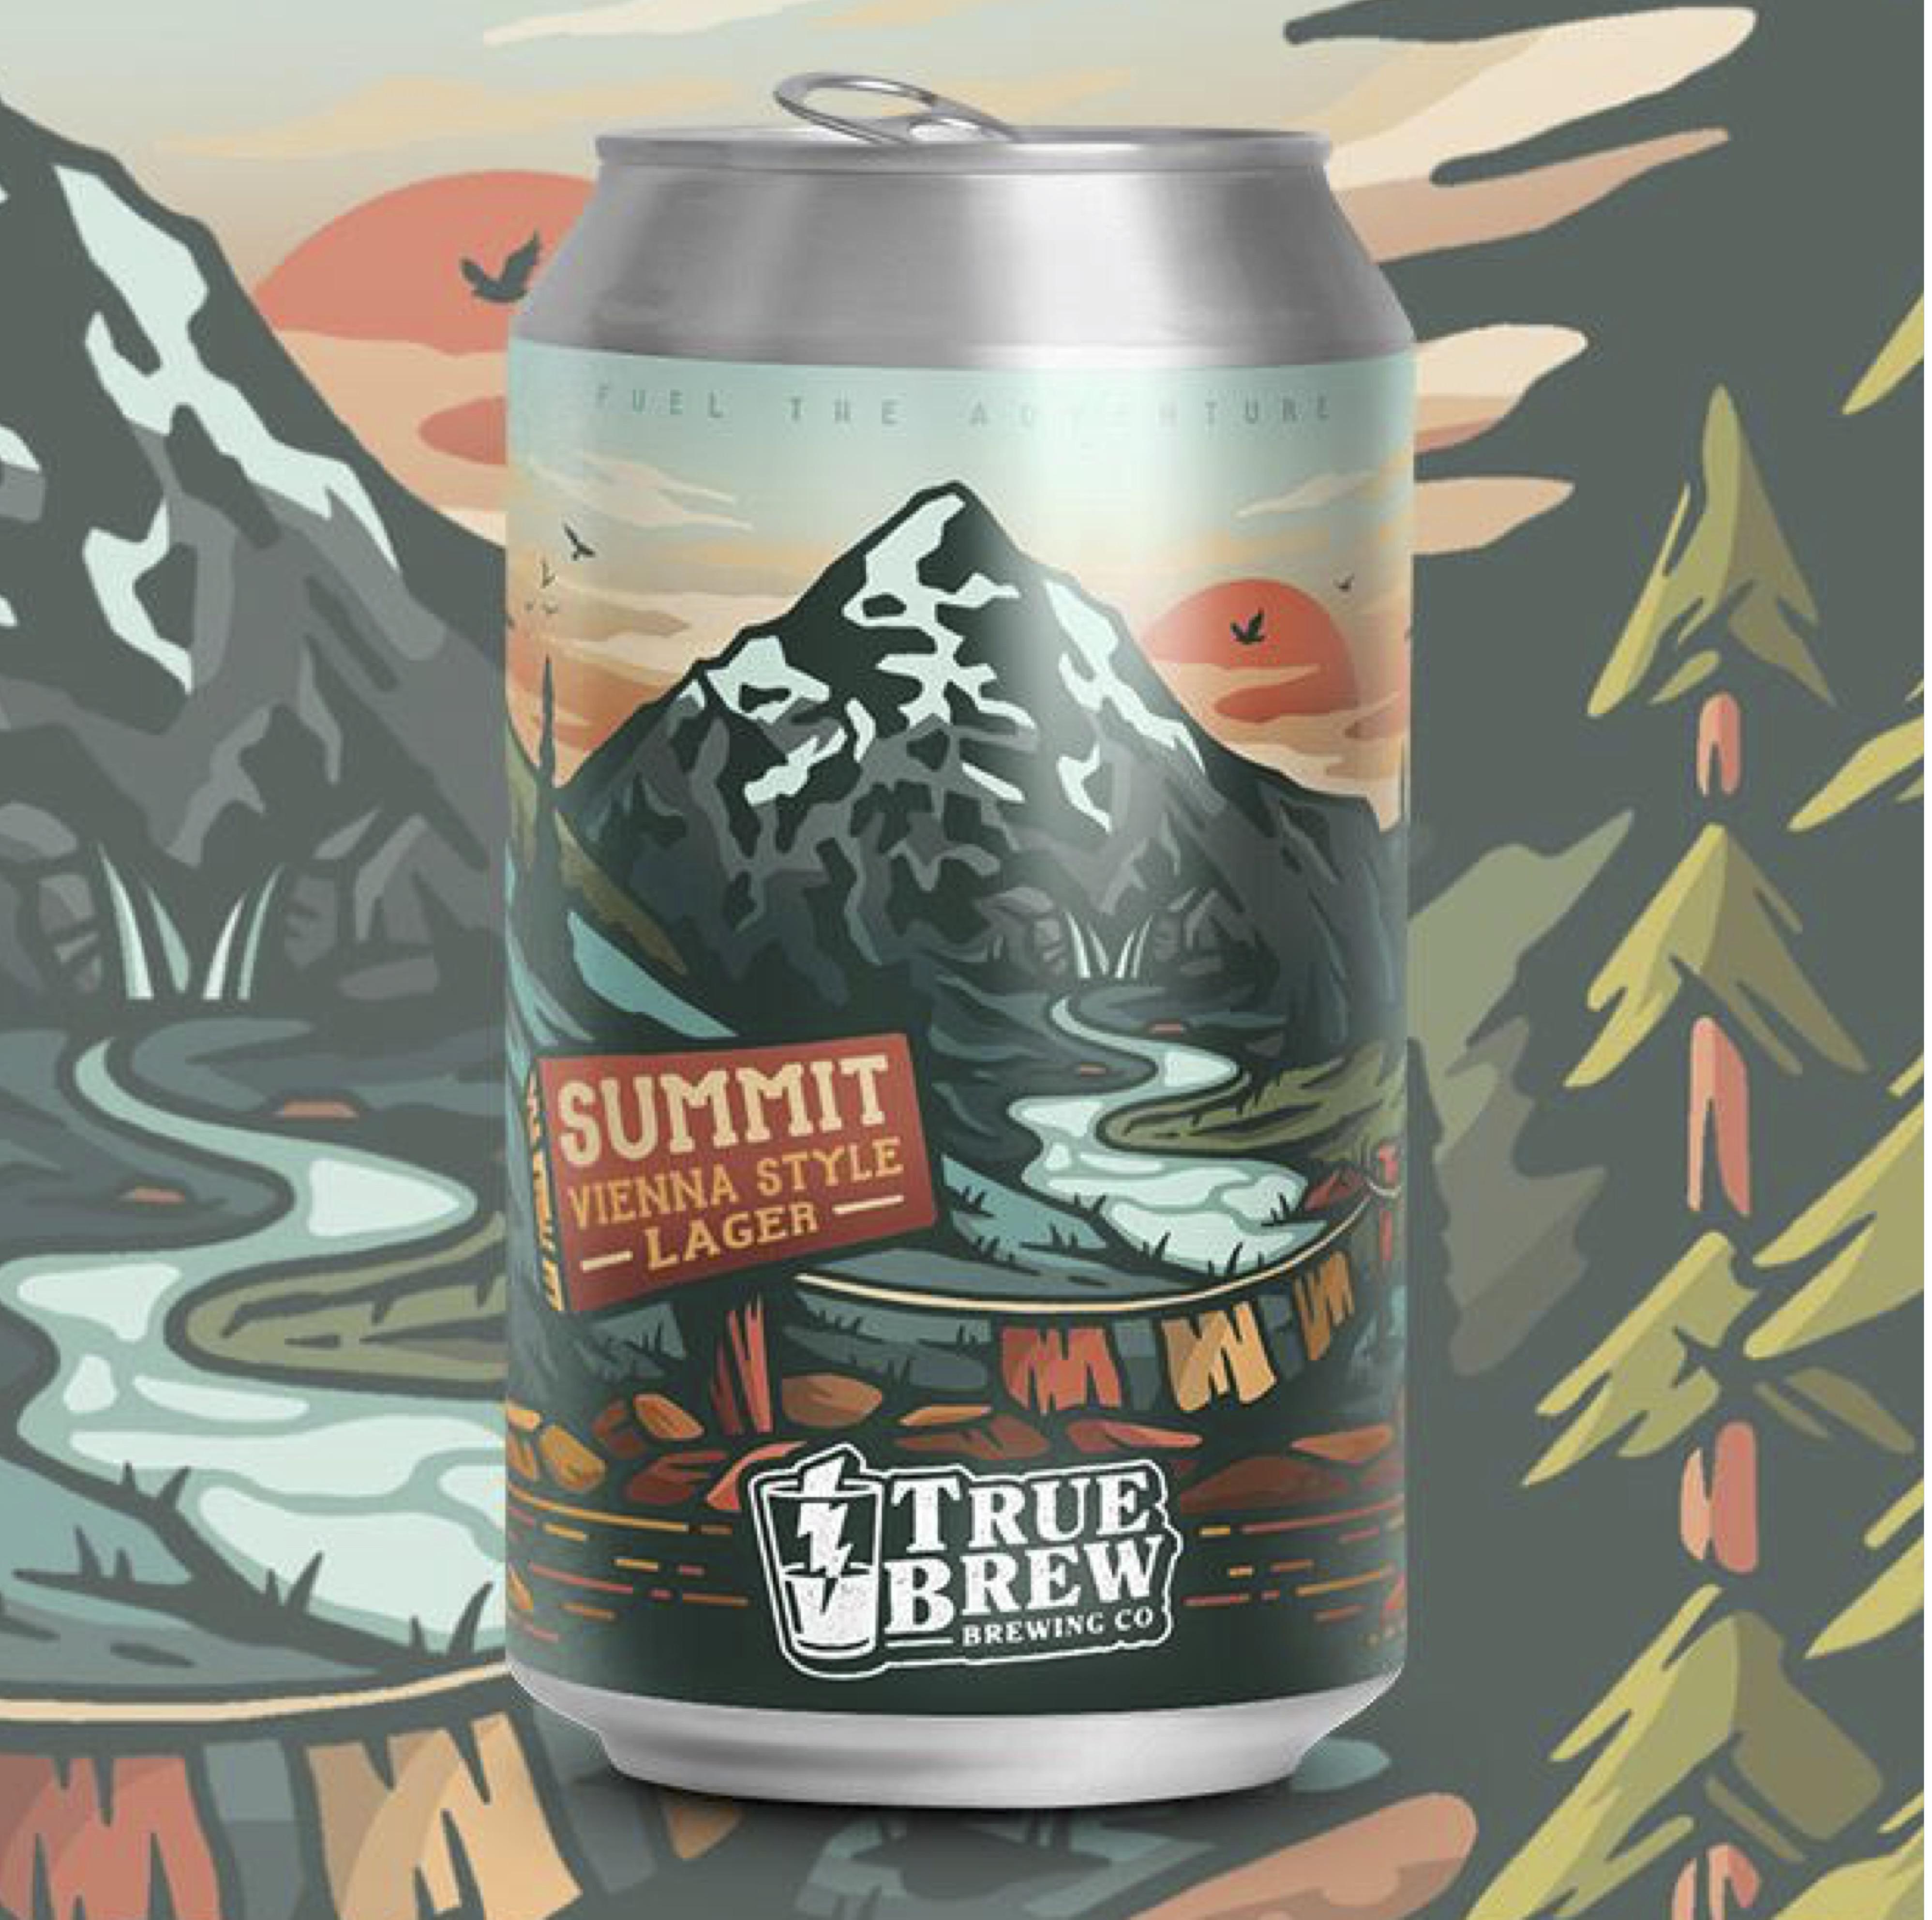 True Brew - Summit Vienna Style Lager 5.1% 330 can